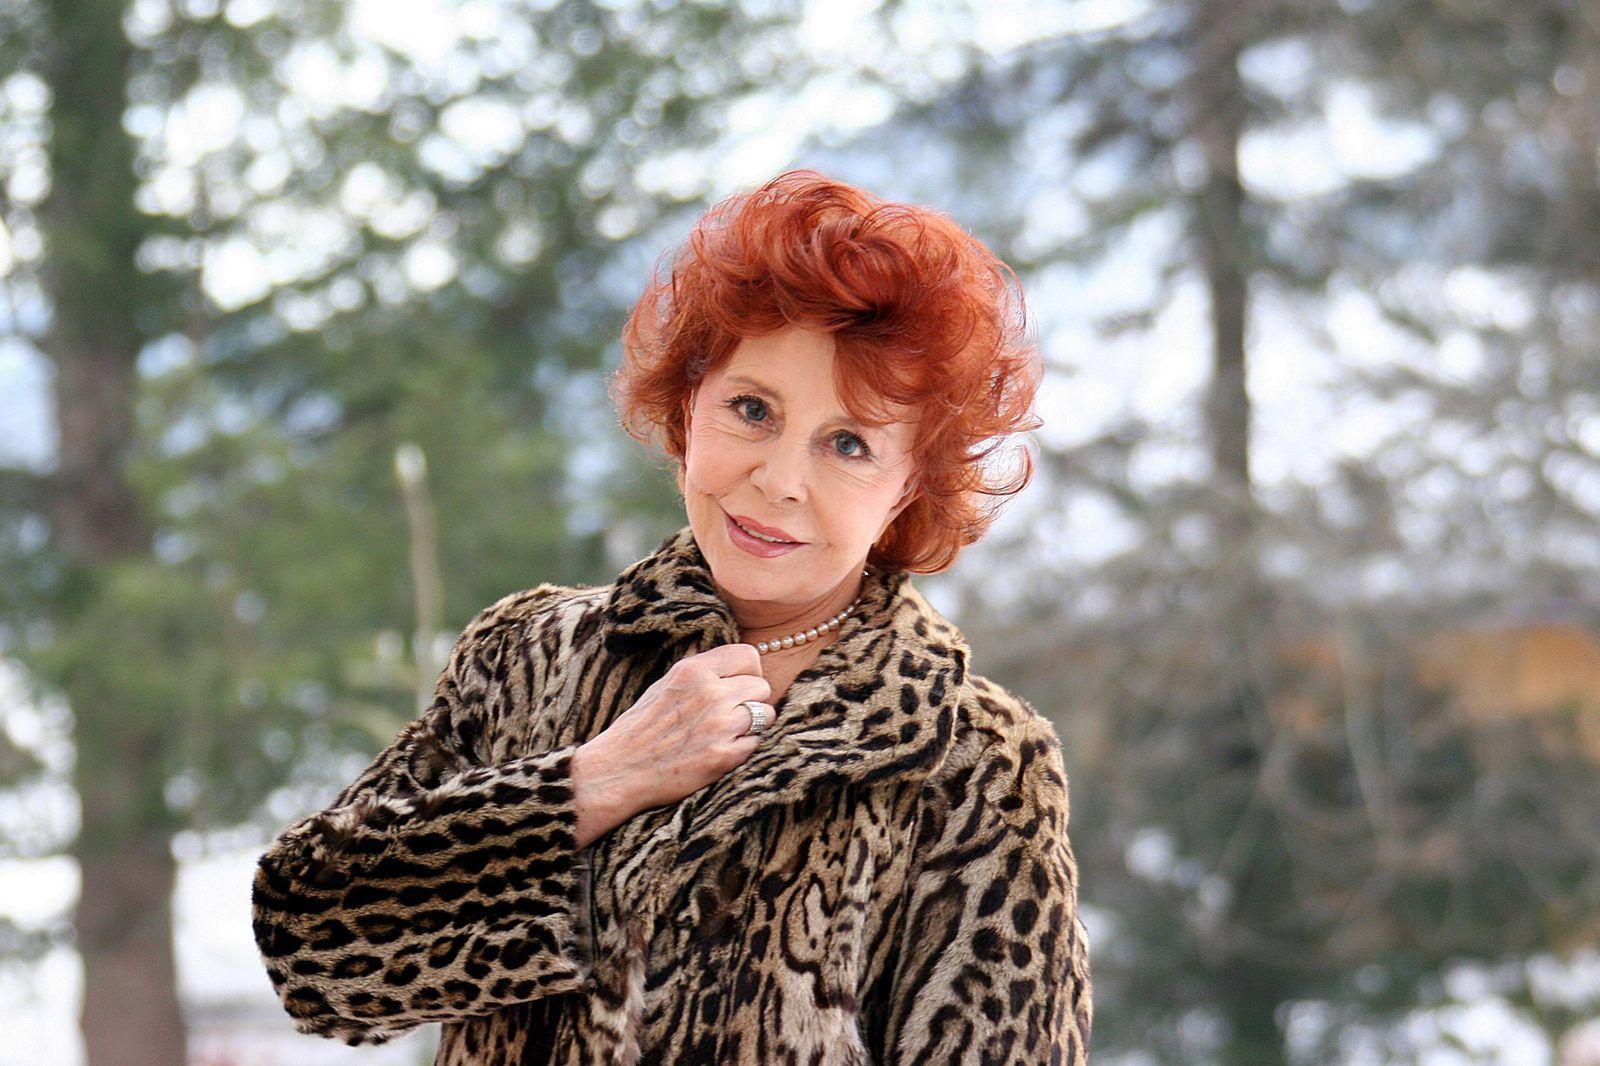 Schauspielerin Sonja Ziemann (GER) w?hrend eines Fotoshootings in M¸nchen